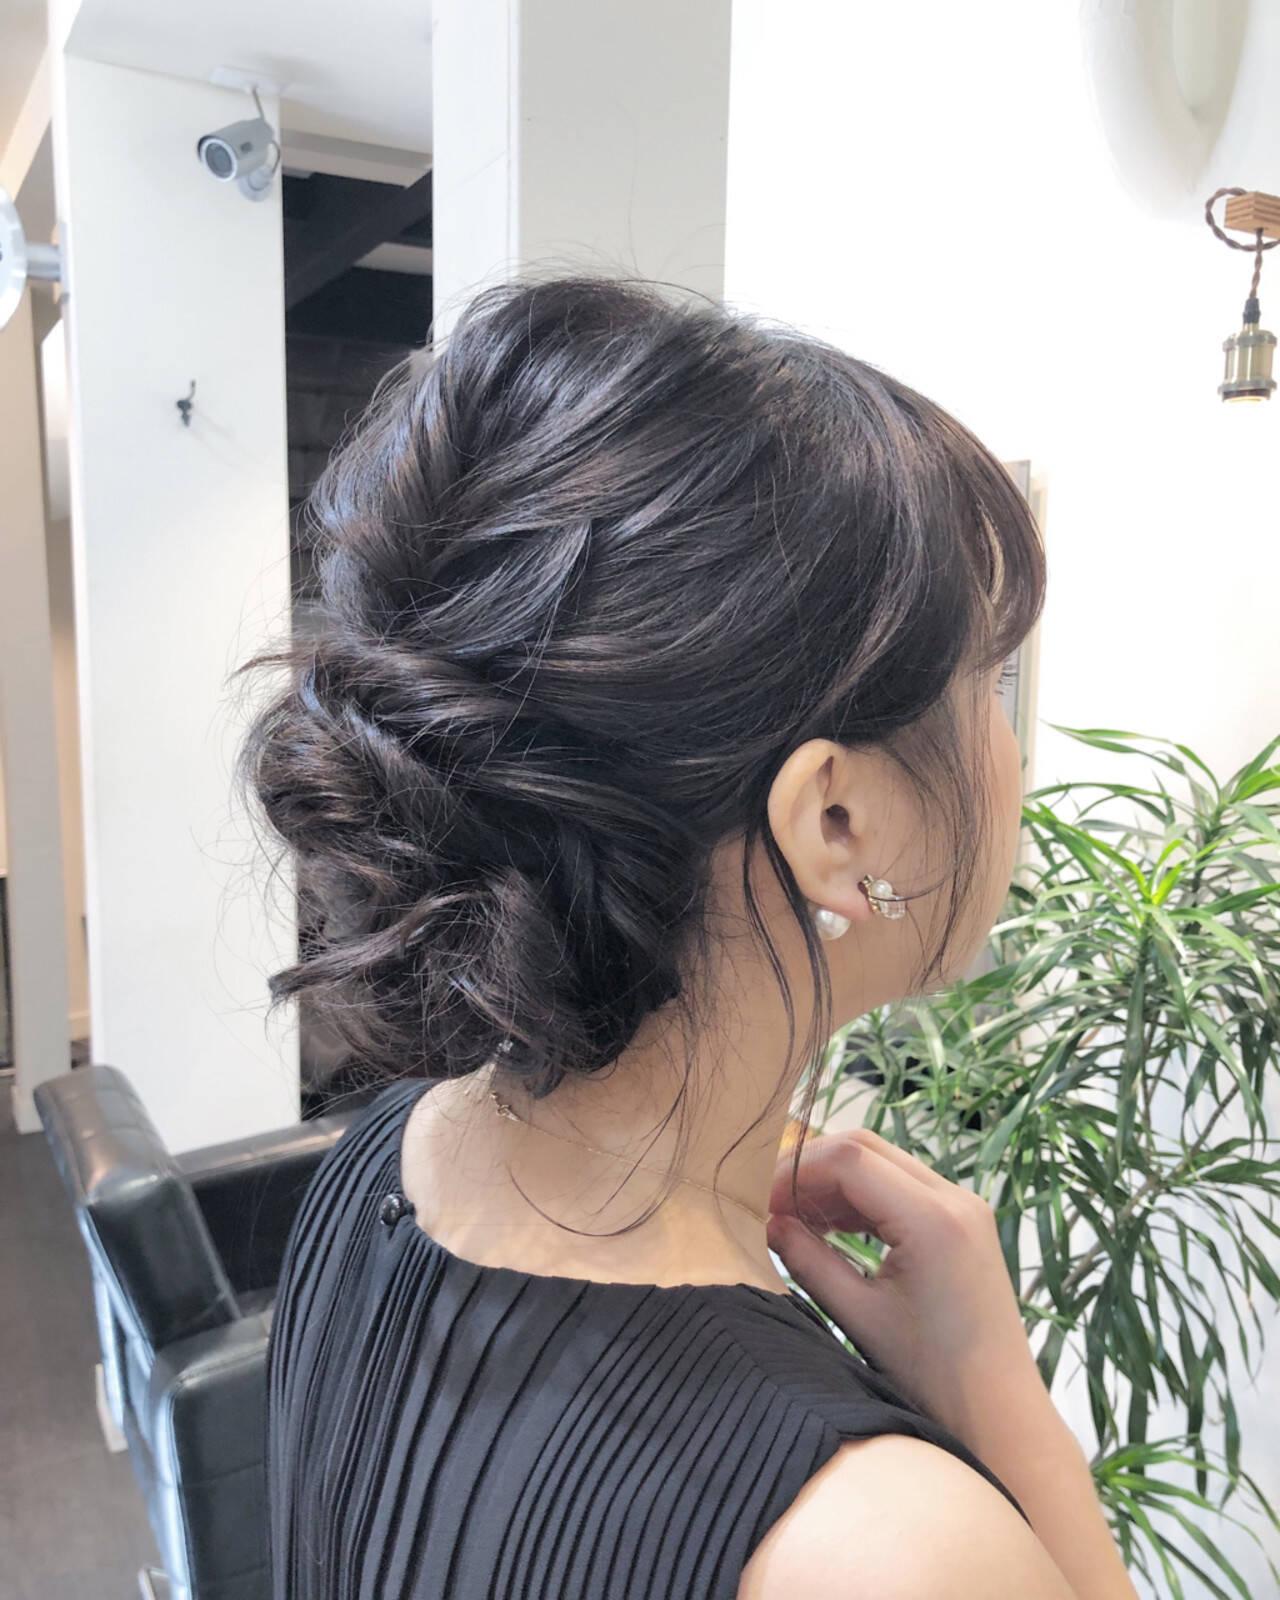 成人式 バレイヤージュ 結婚式 ミディアムヘアスタイルや髪型の写真・画像